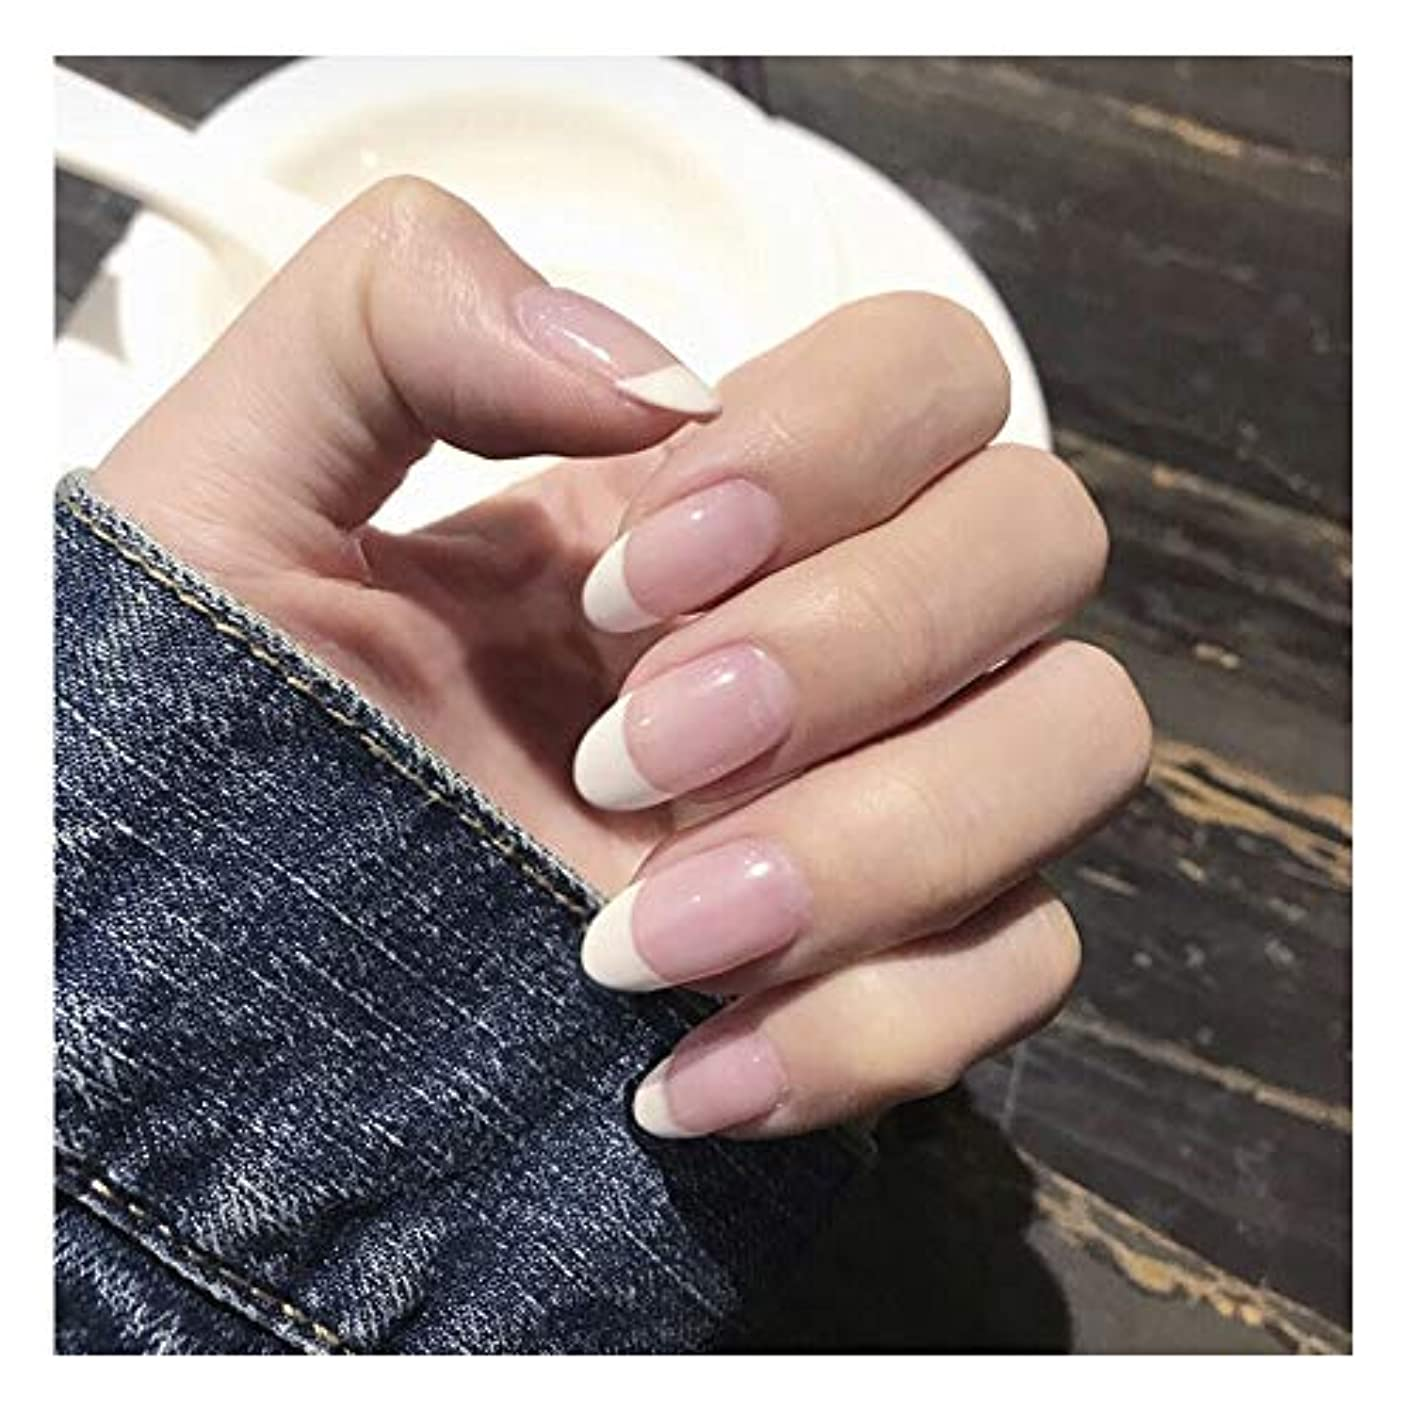 暗殺者予報グレートオークLVUITTON 透明ピンク+ホワイト下部偽爪ロングネイルズグルー完成ネイル偽爪を指摘しました (色 : 24 pieces)